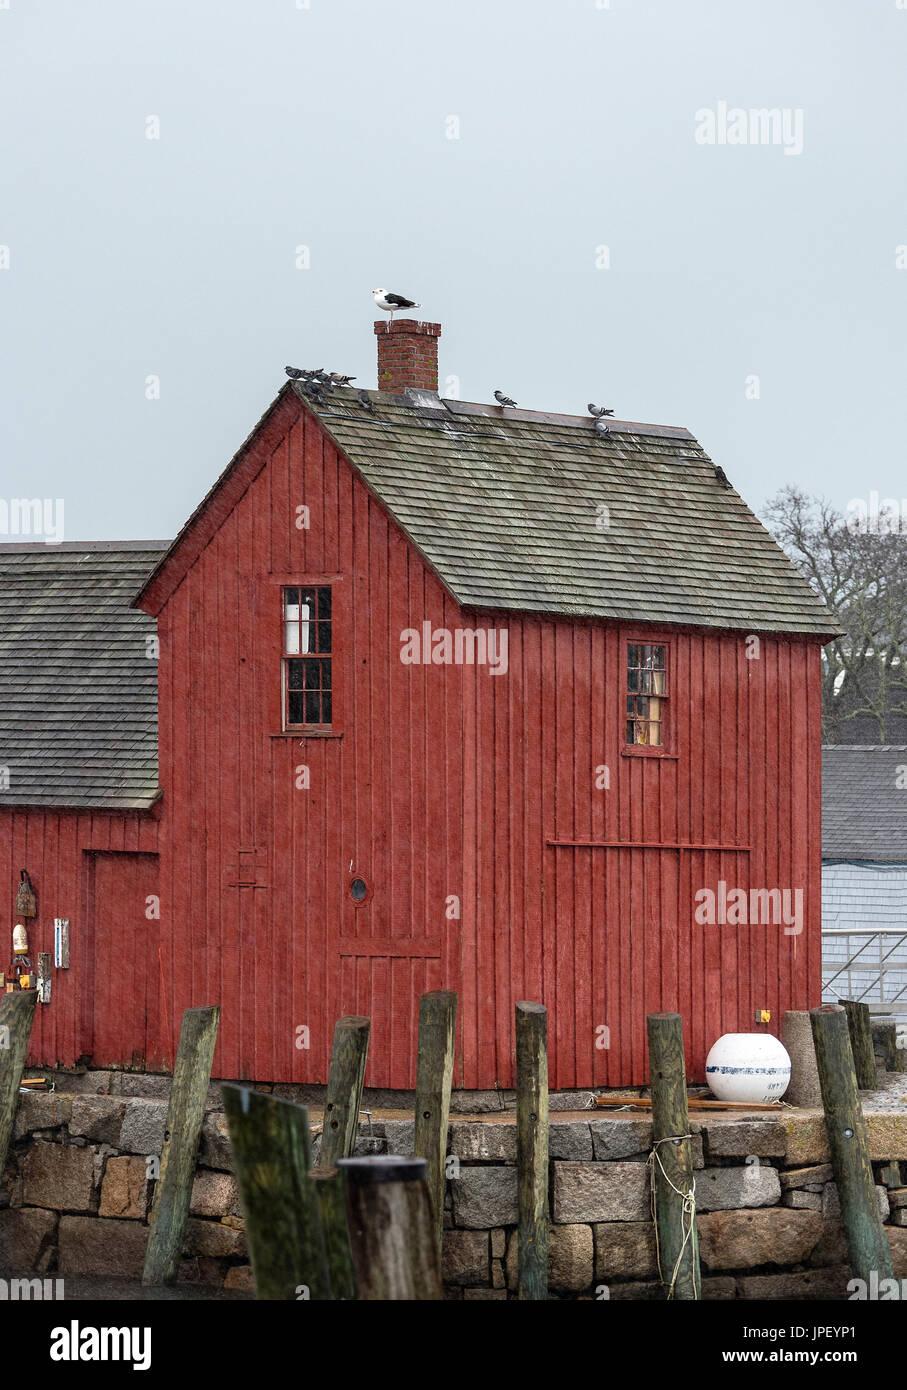 Angeln-Hütte, Motiv Nr. 1, Rockport, Massachusetts, USA. Stockbild